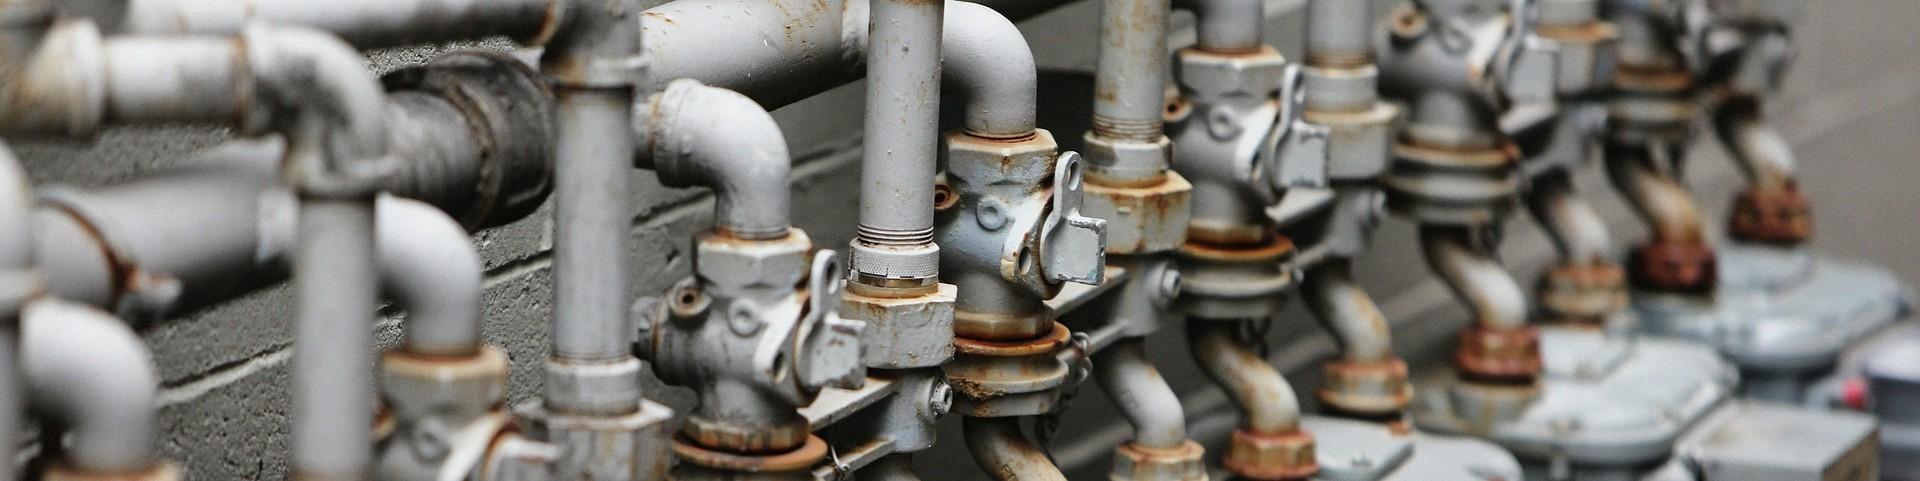 INSTALEXBUD – Hydraulik Płock – Usługi hydrauliczne – Instalacja CO